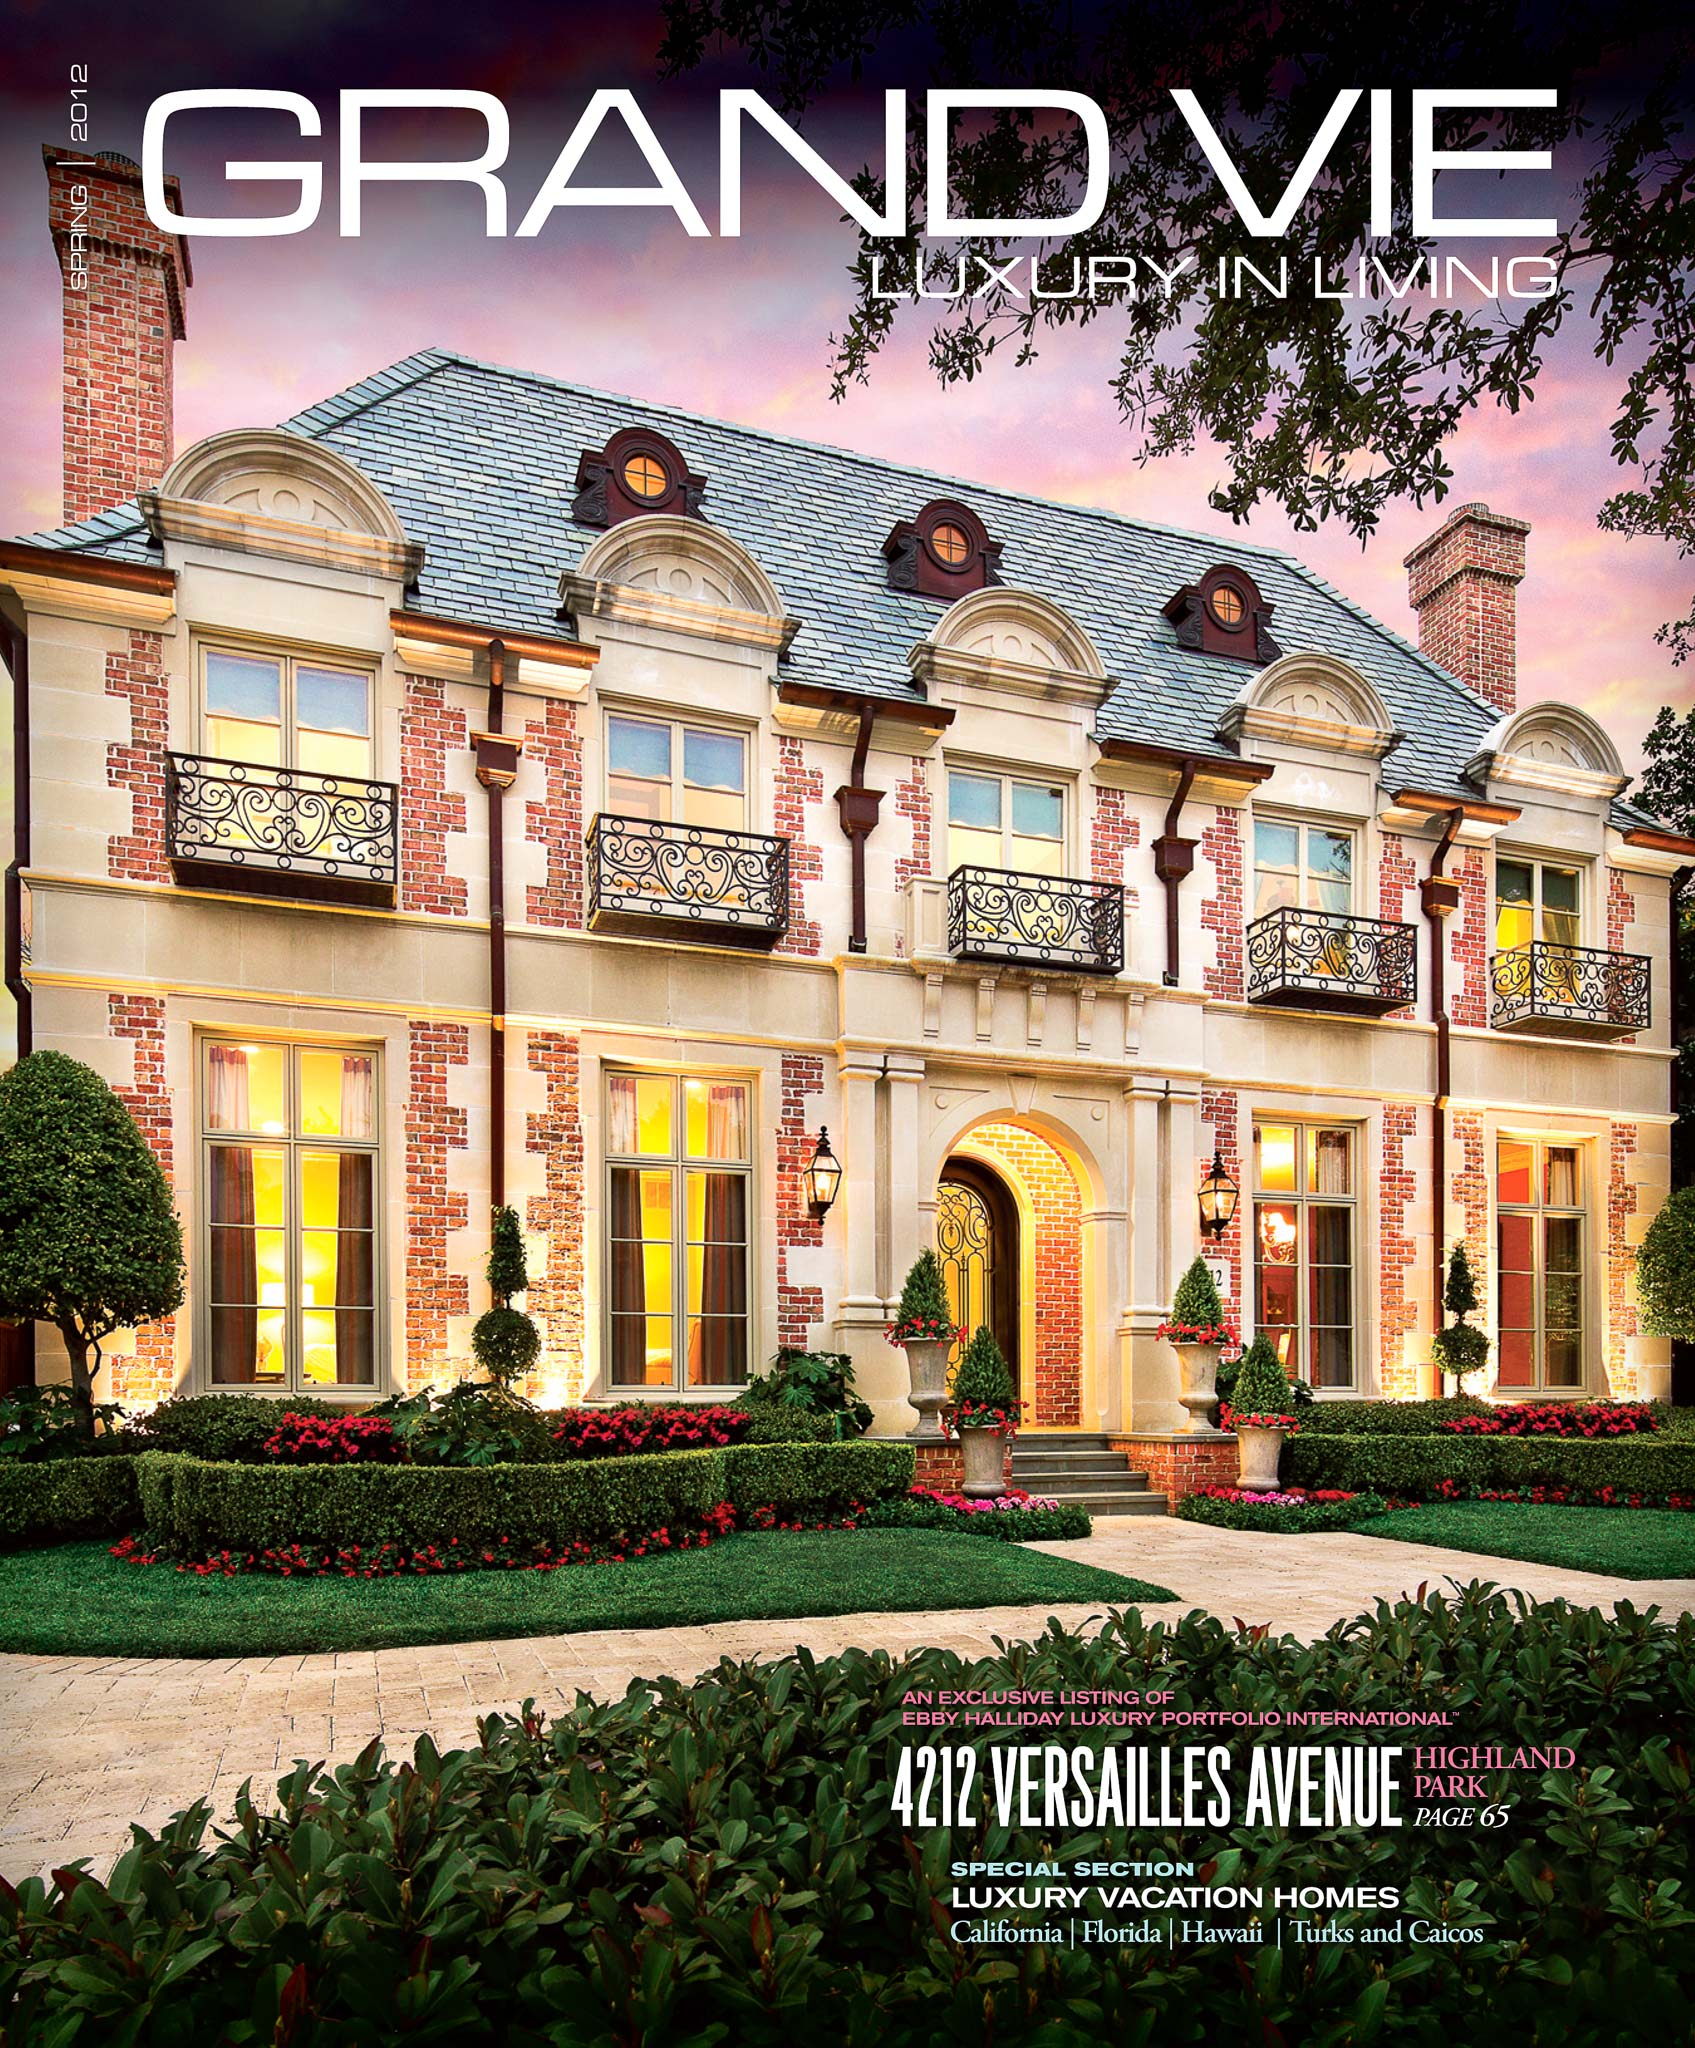 Http Seangphoto Com Blog 2012 03 Magazine Cover 1 Gv7 150 2048px 1695